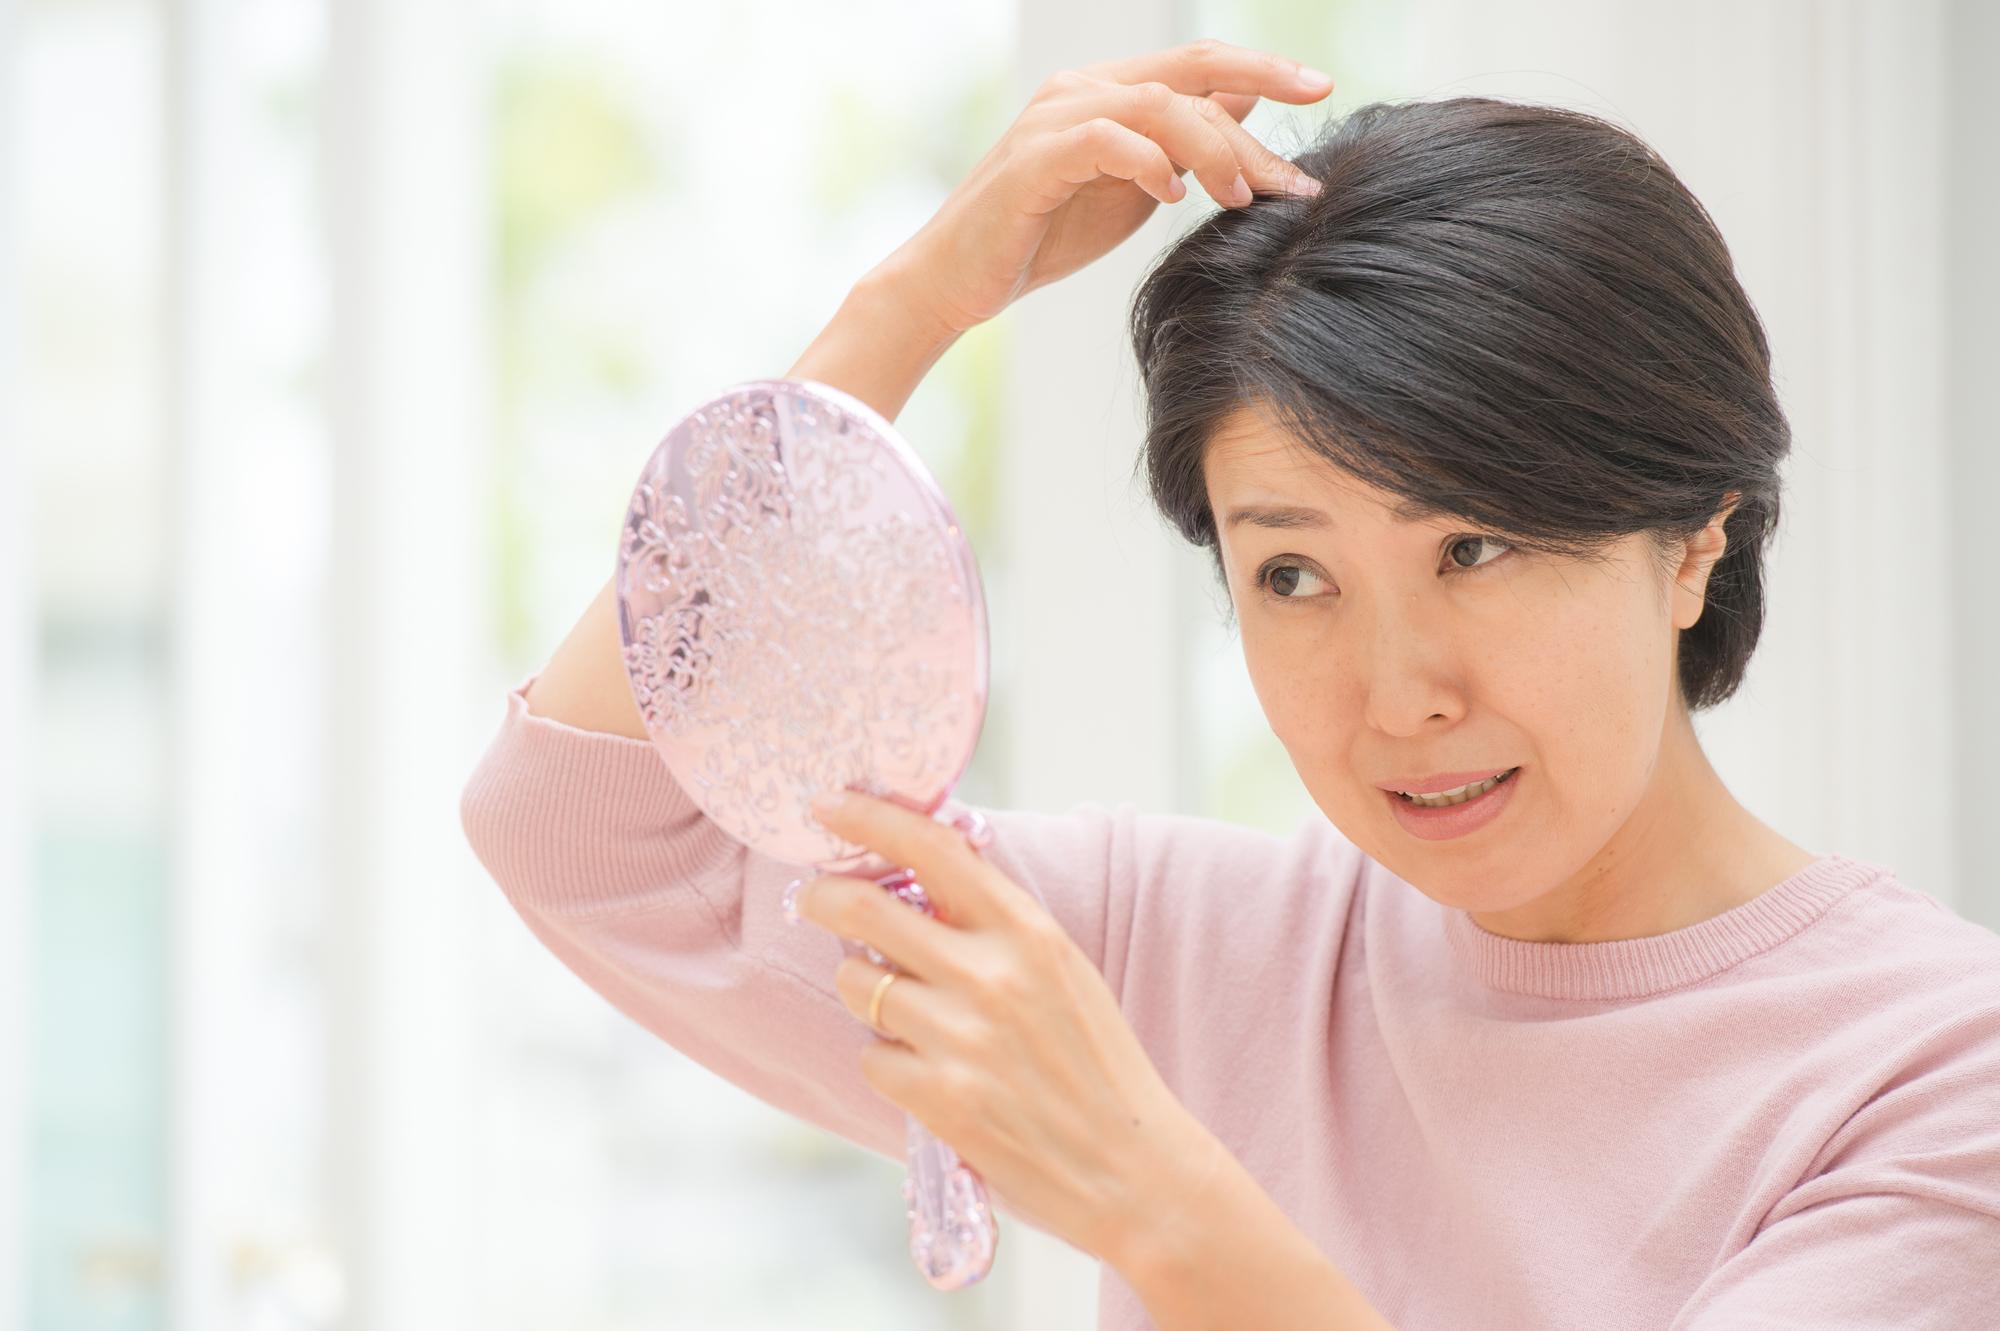 女性特有の薄毛FAGAの原因と治療法は?